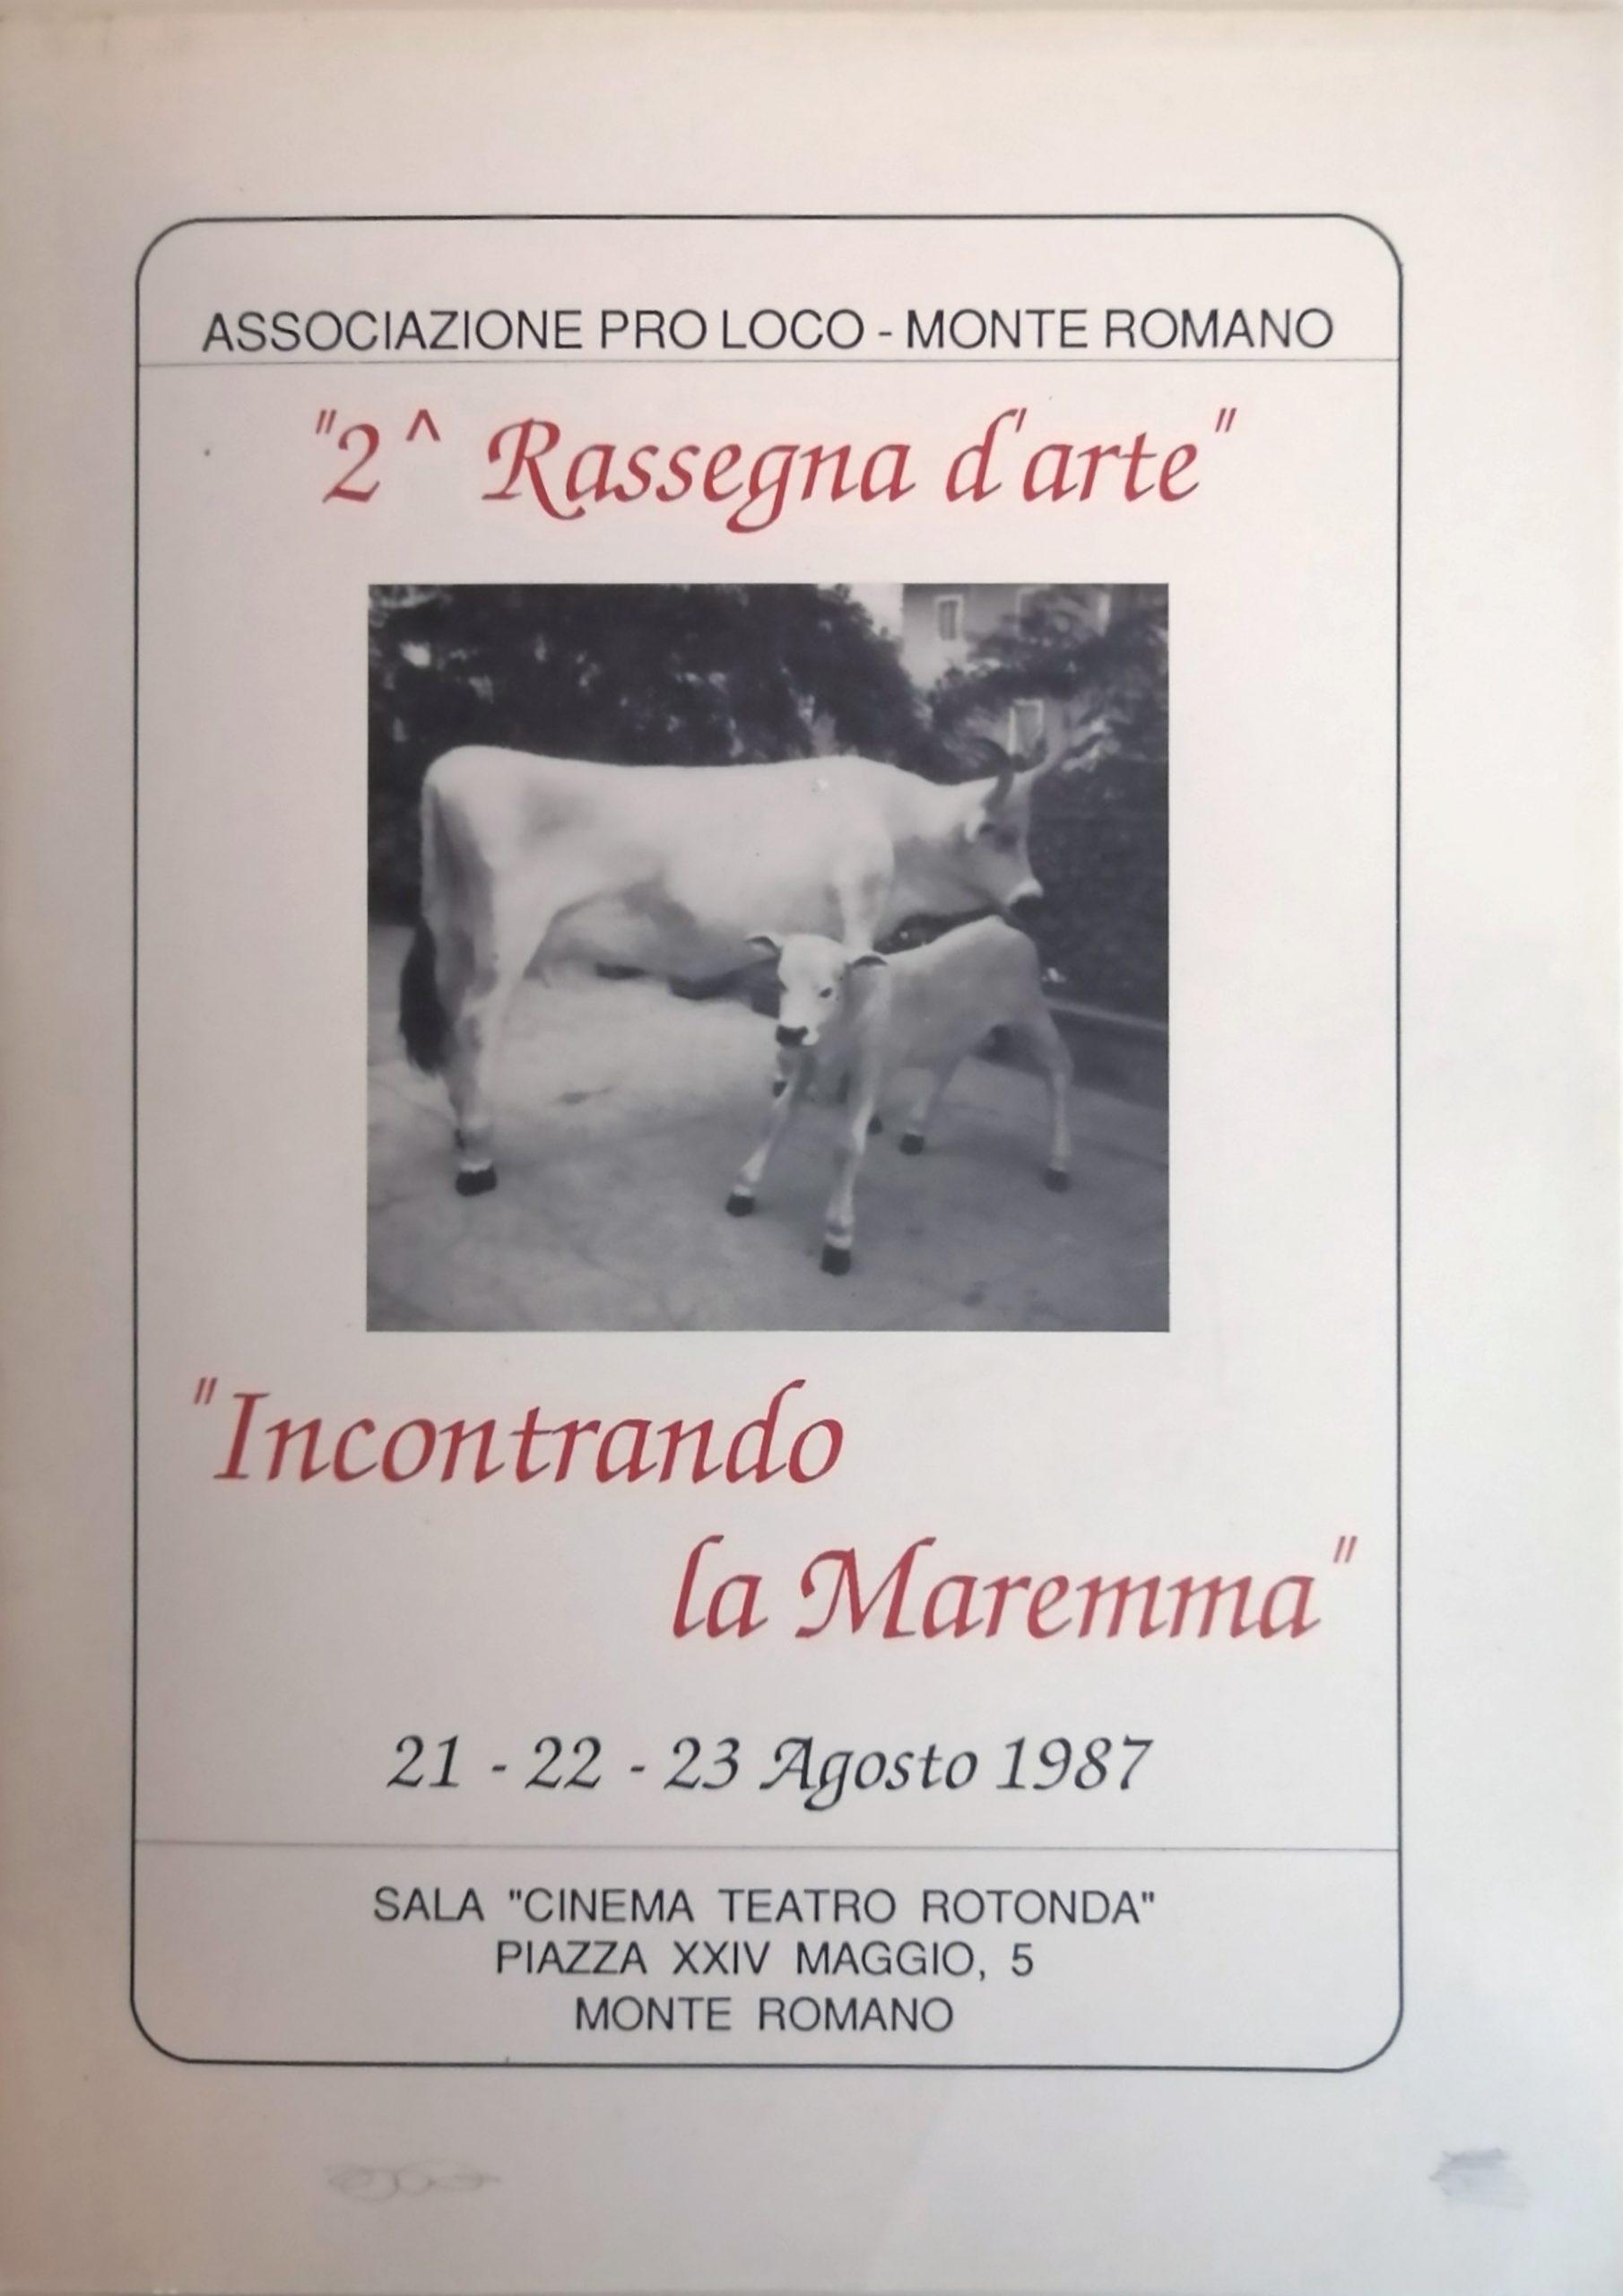 1987 Incontrando la Maremma Sala Teatro Rotonda Monte Romano scaled - Bibliography/ Catalogues